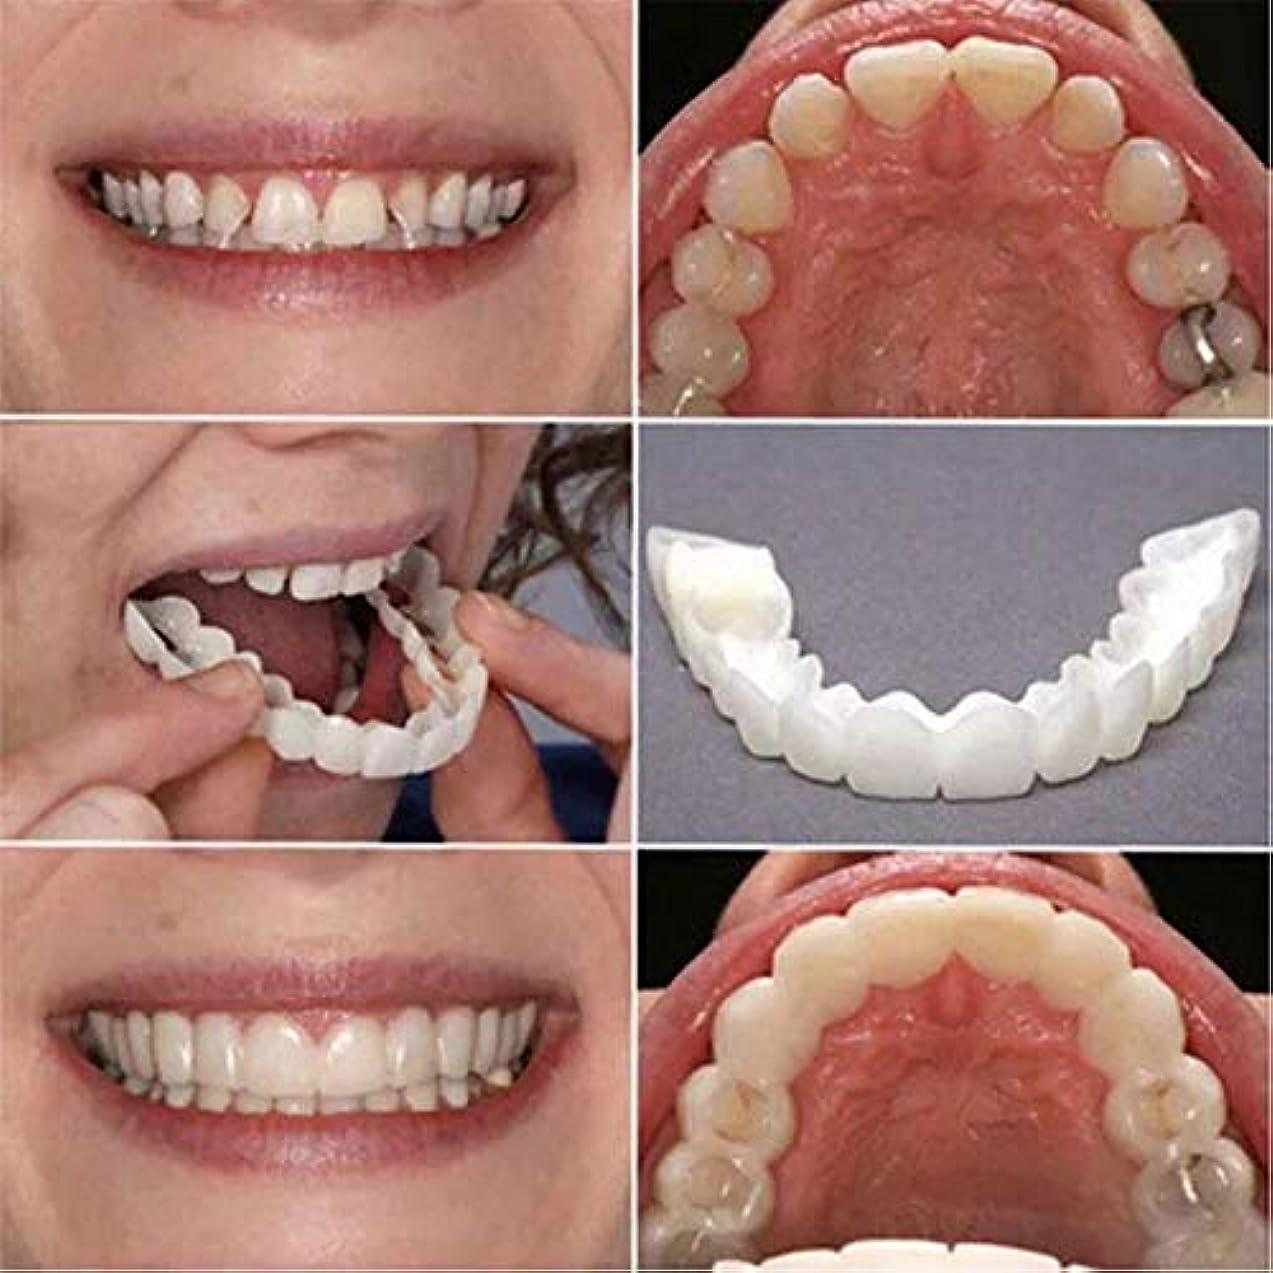 報酬のよろしくバウンド2個の歯ピースフィッティング快適なフィット歯のソケット義歯口腔用品矯正アクセティース 笑顔を保つ